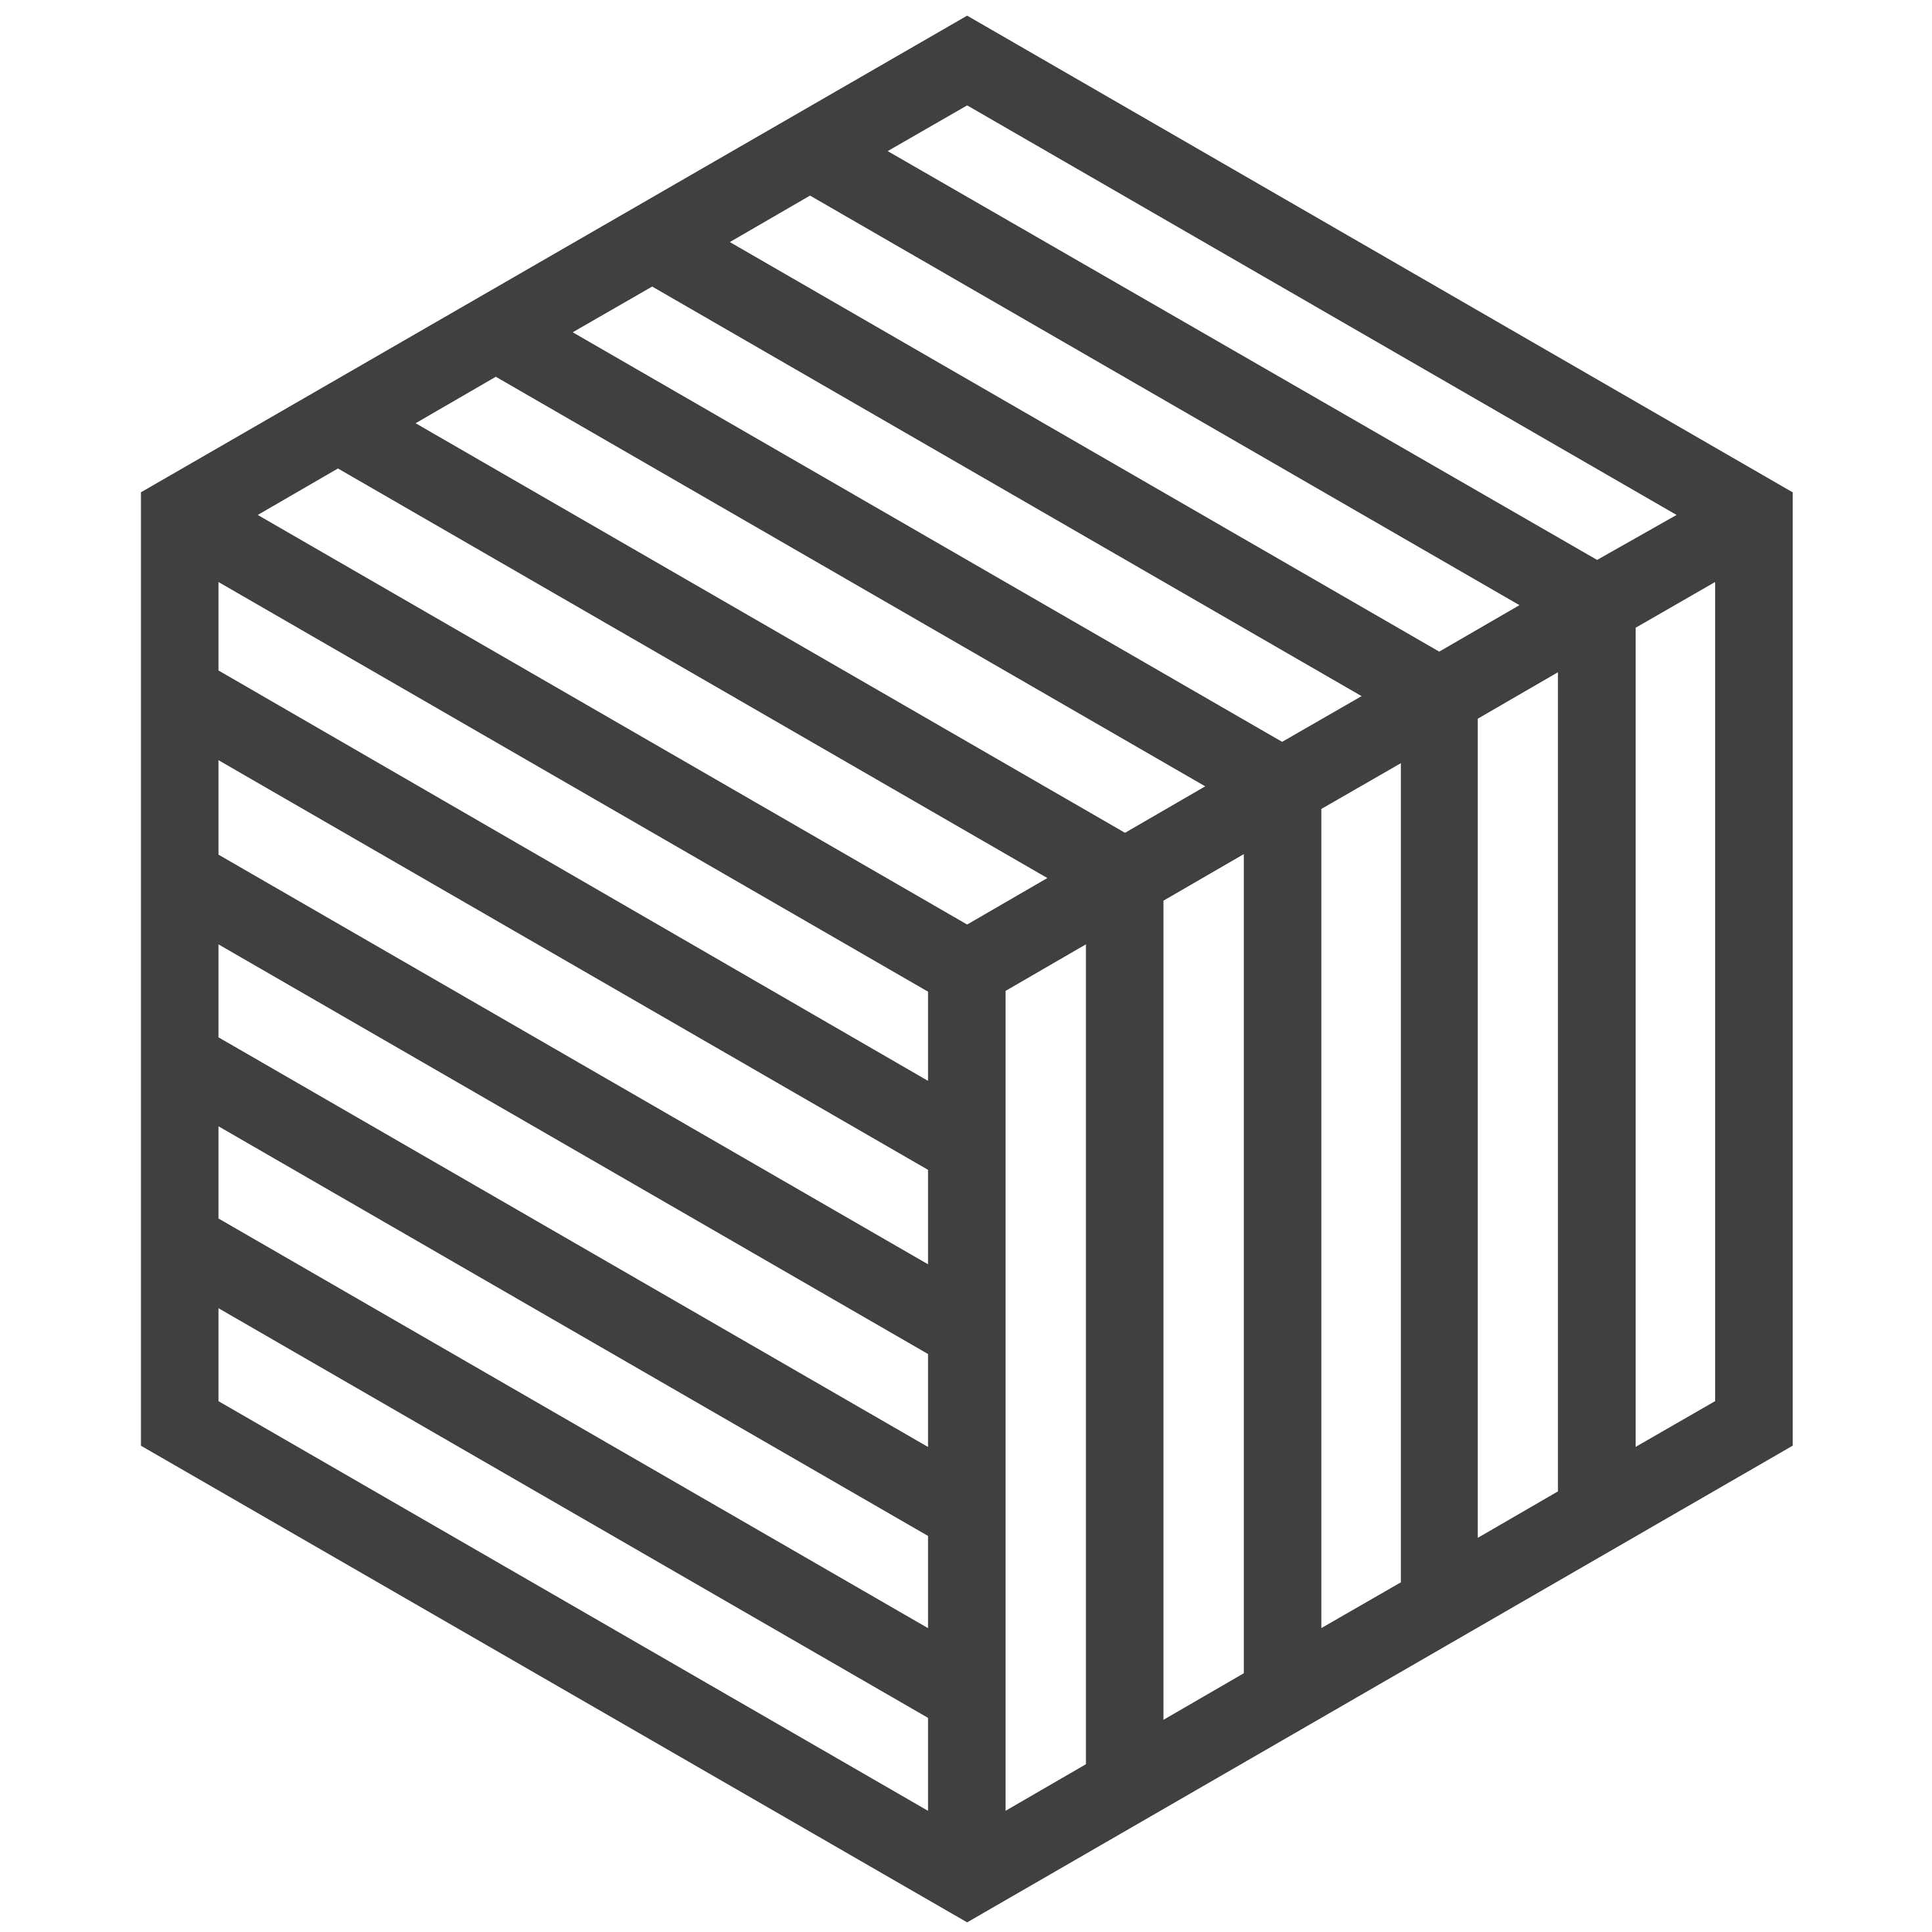 Maurício Arruda – Hexagonal